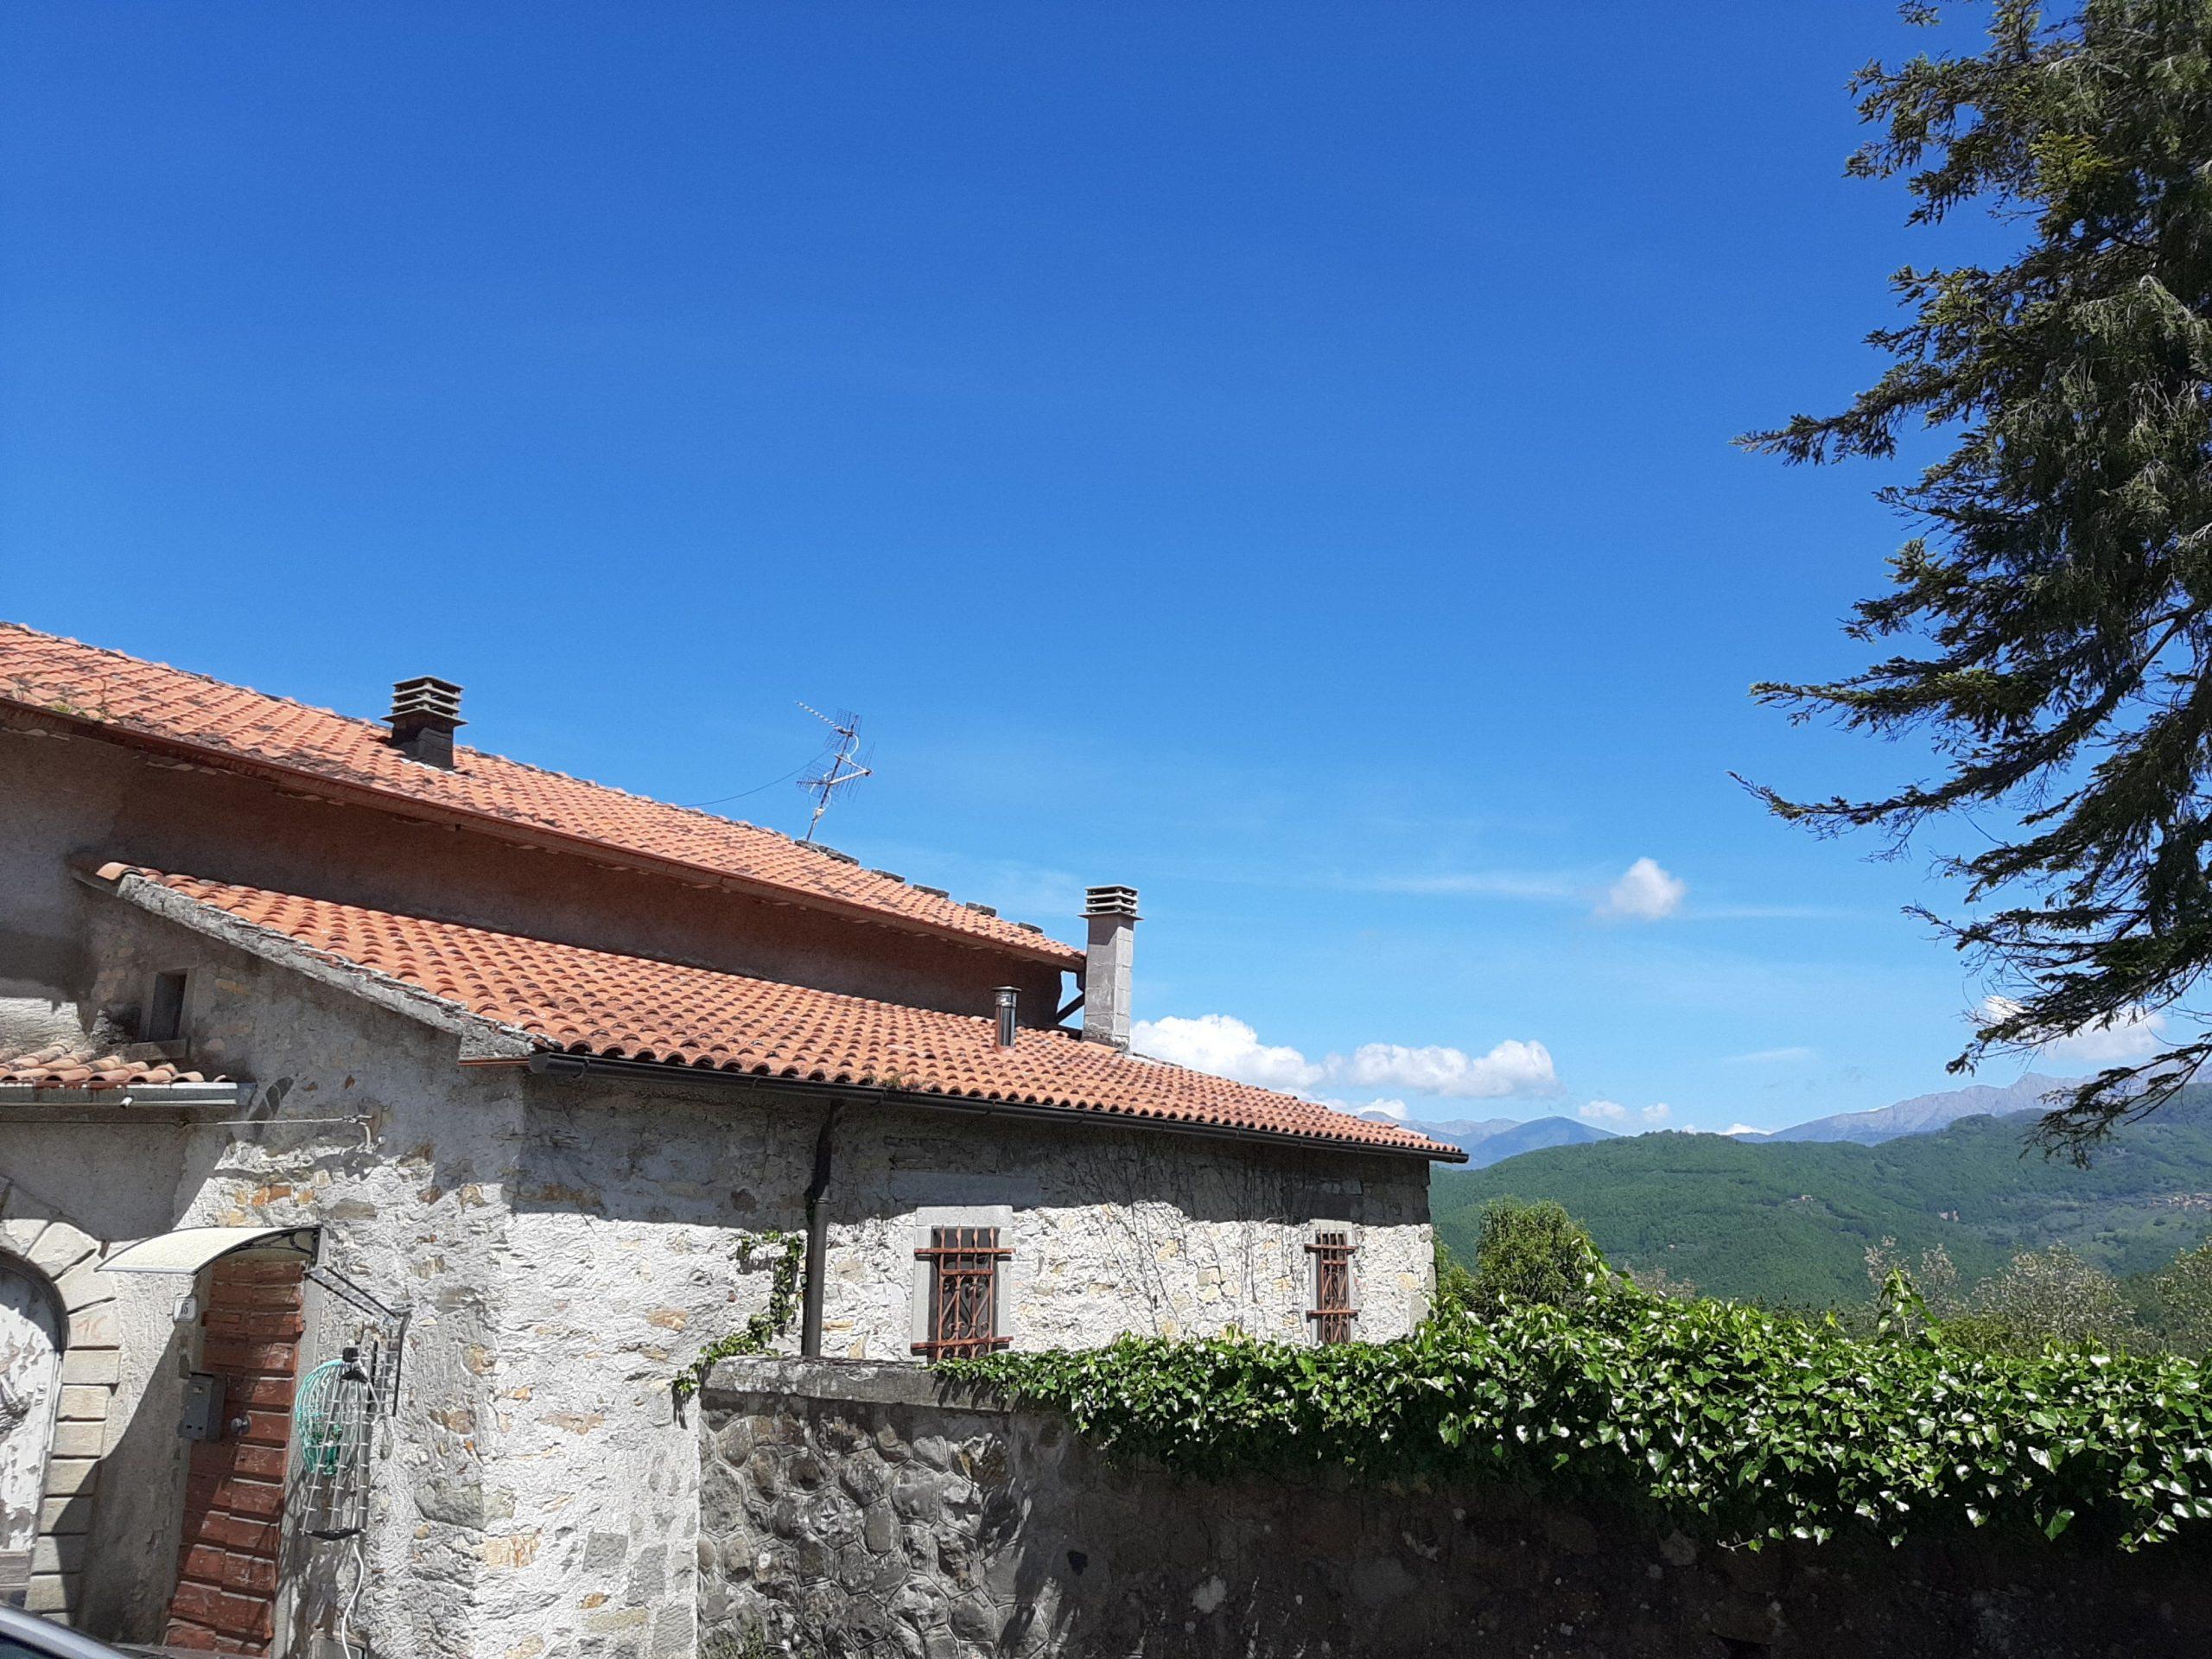 Occasione in Lunigiana : Casa in pietra abitabile ad un prezzo da Favola , Investimento in Toscana . 2413